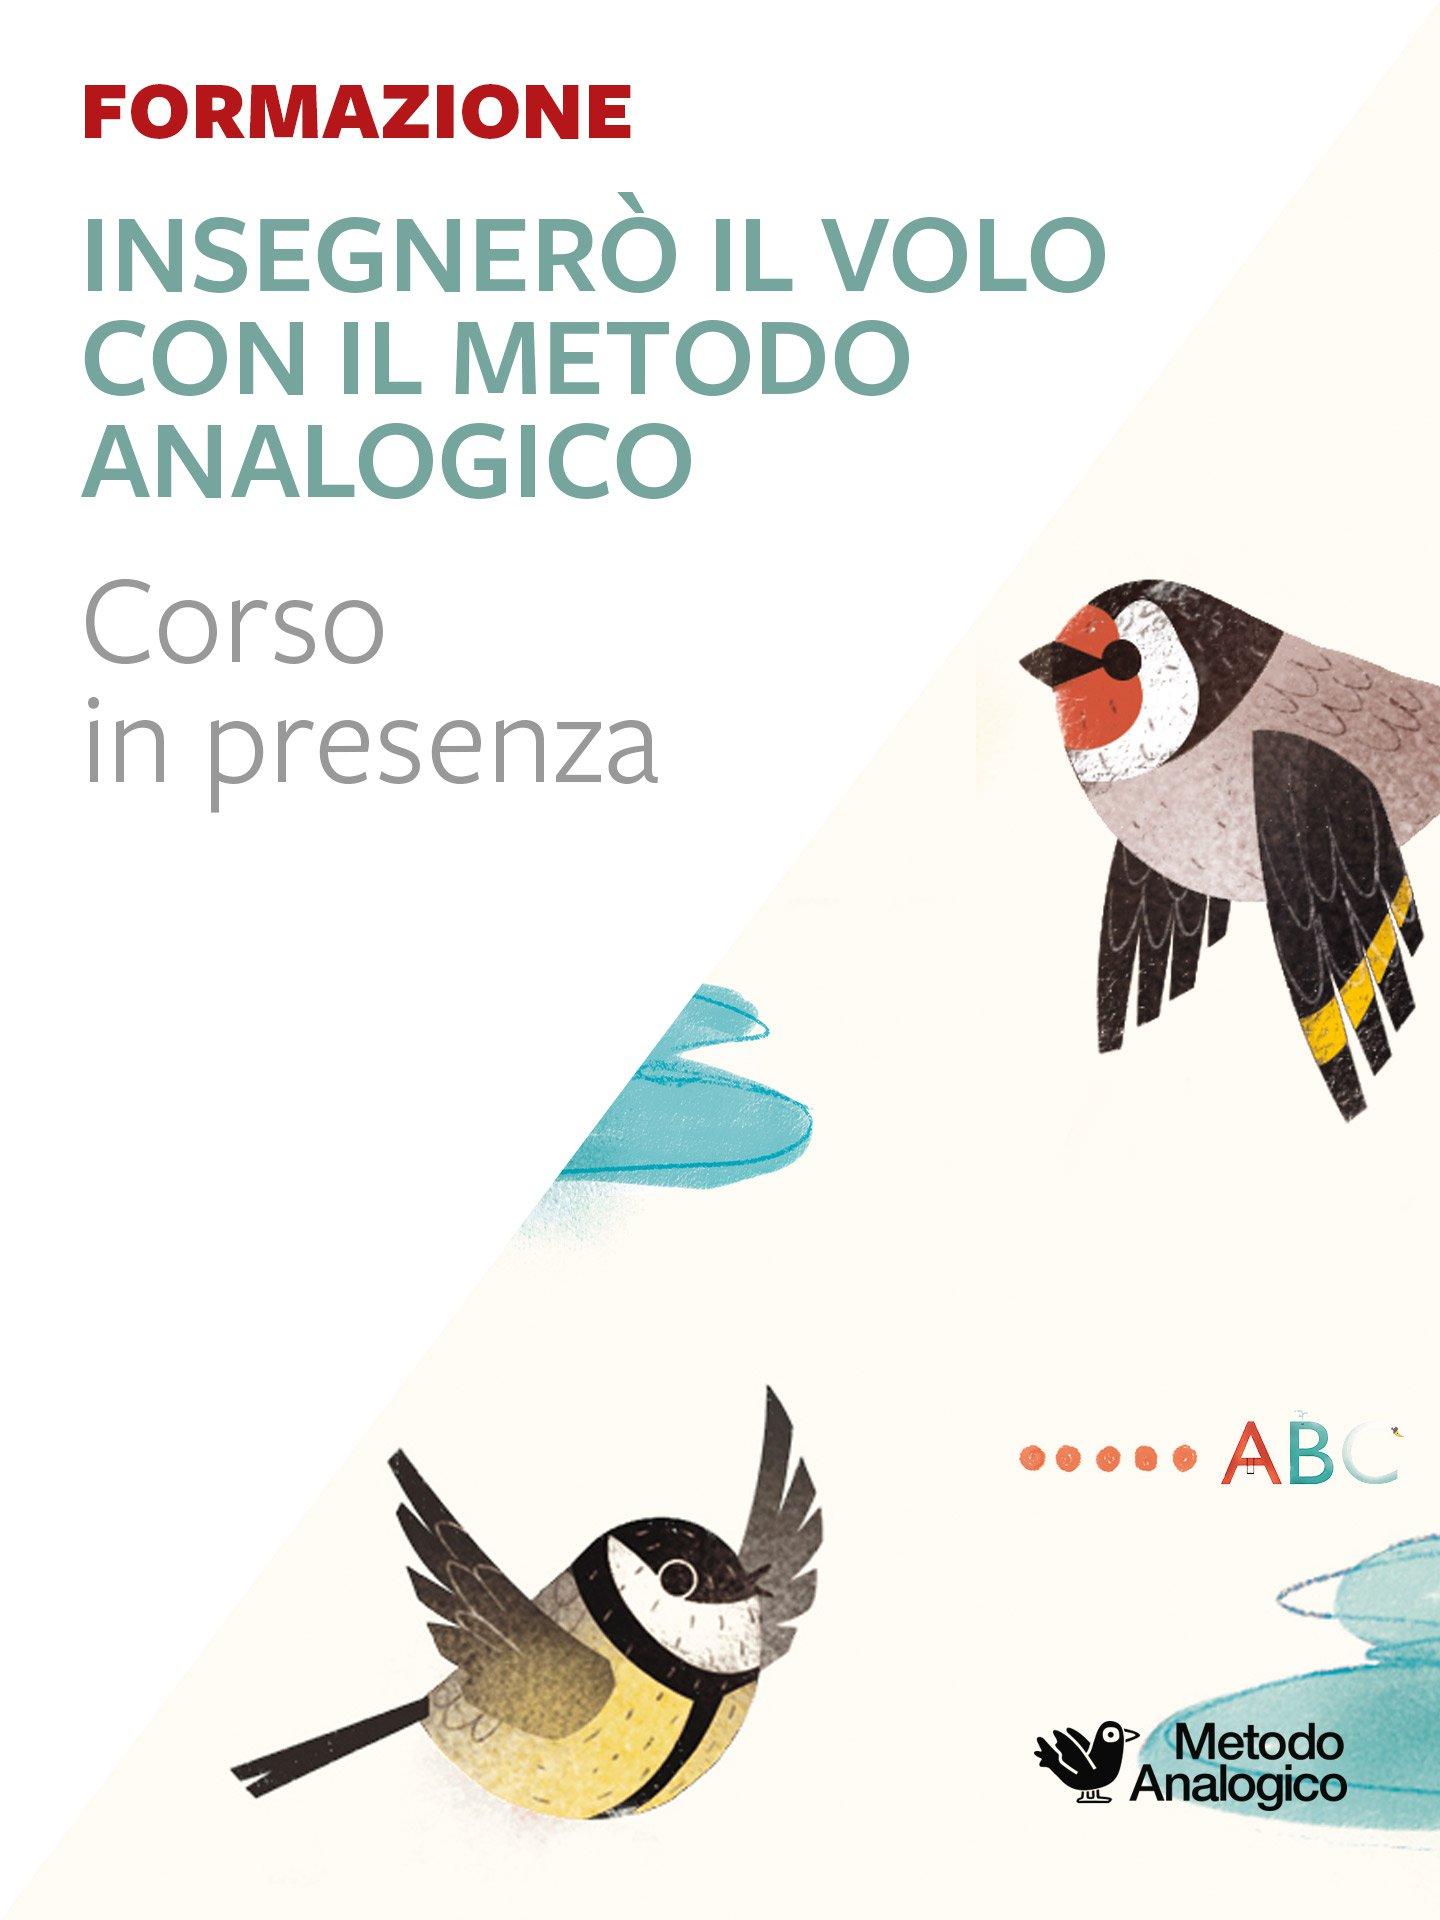 Insegnerò al volo con il Metodo Analogico – Matematica e italiano ANCONA - Cloze e riordino di frasi - App e software - Erickson